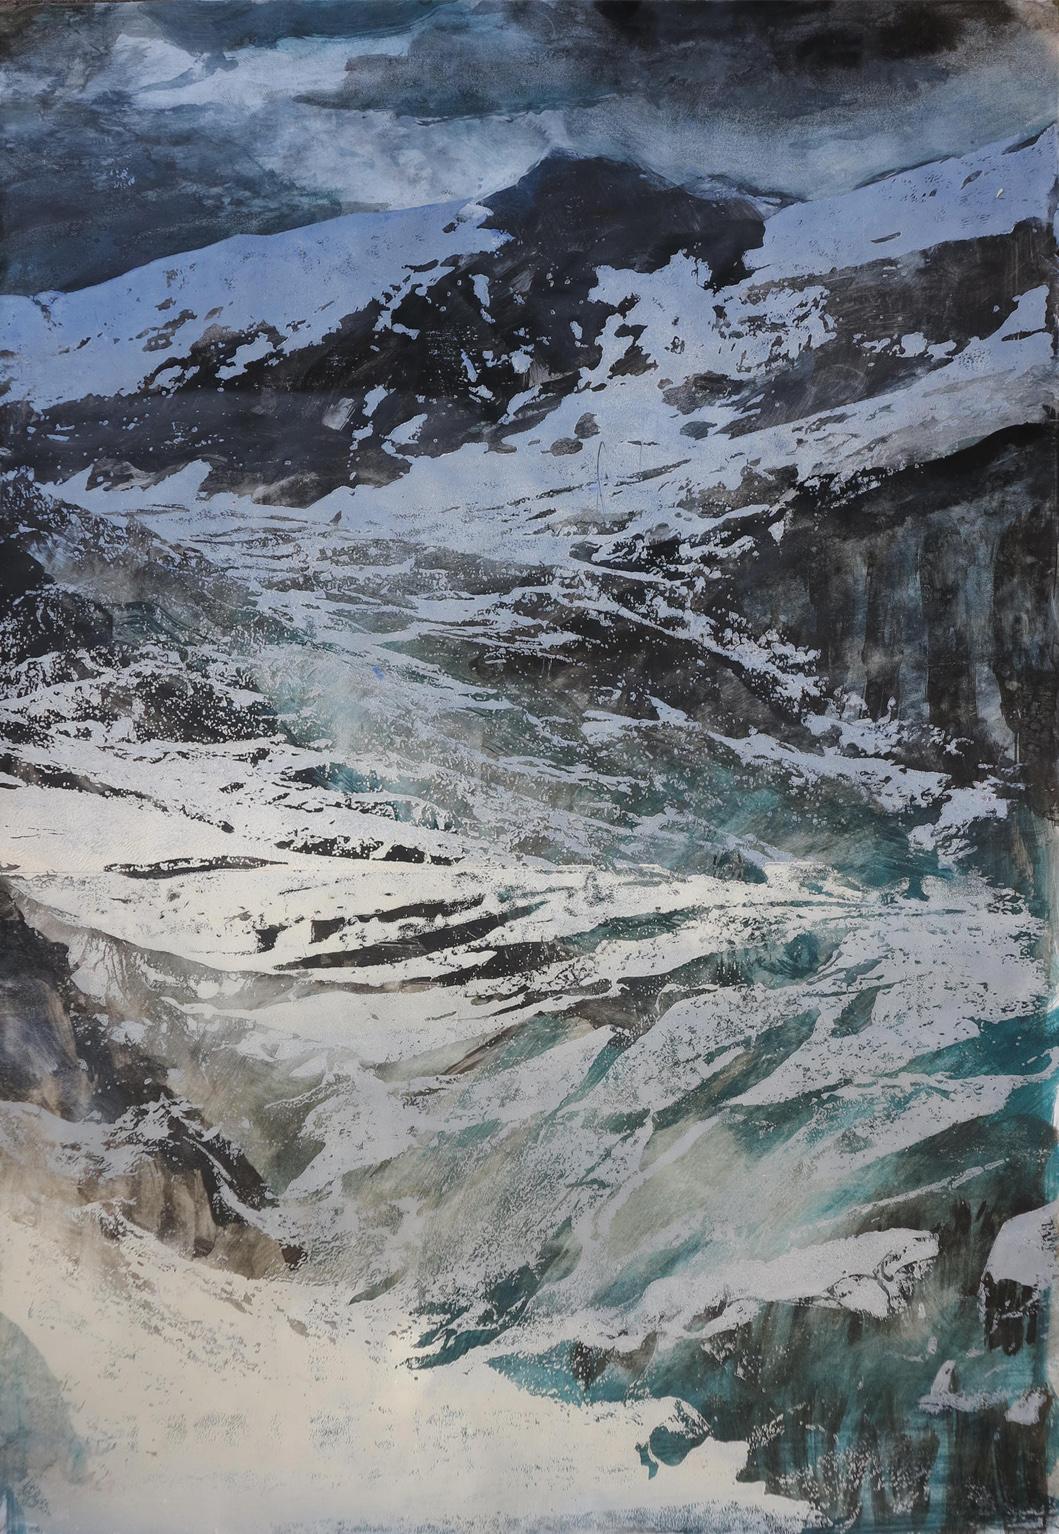 Gletscher II, 2020, 42x60 cm, Holzschnitt / Lasertechnik und Malerei